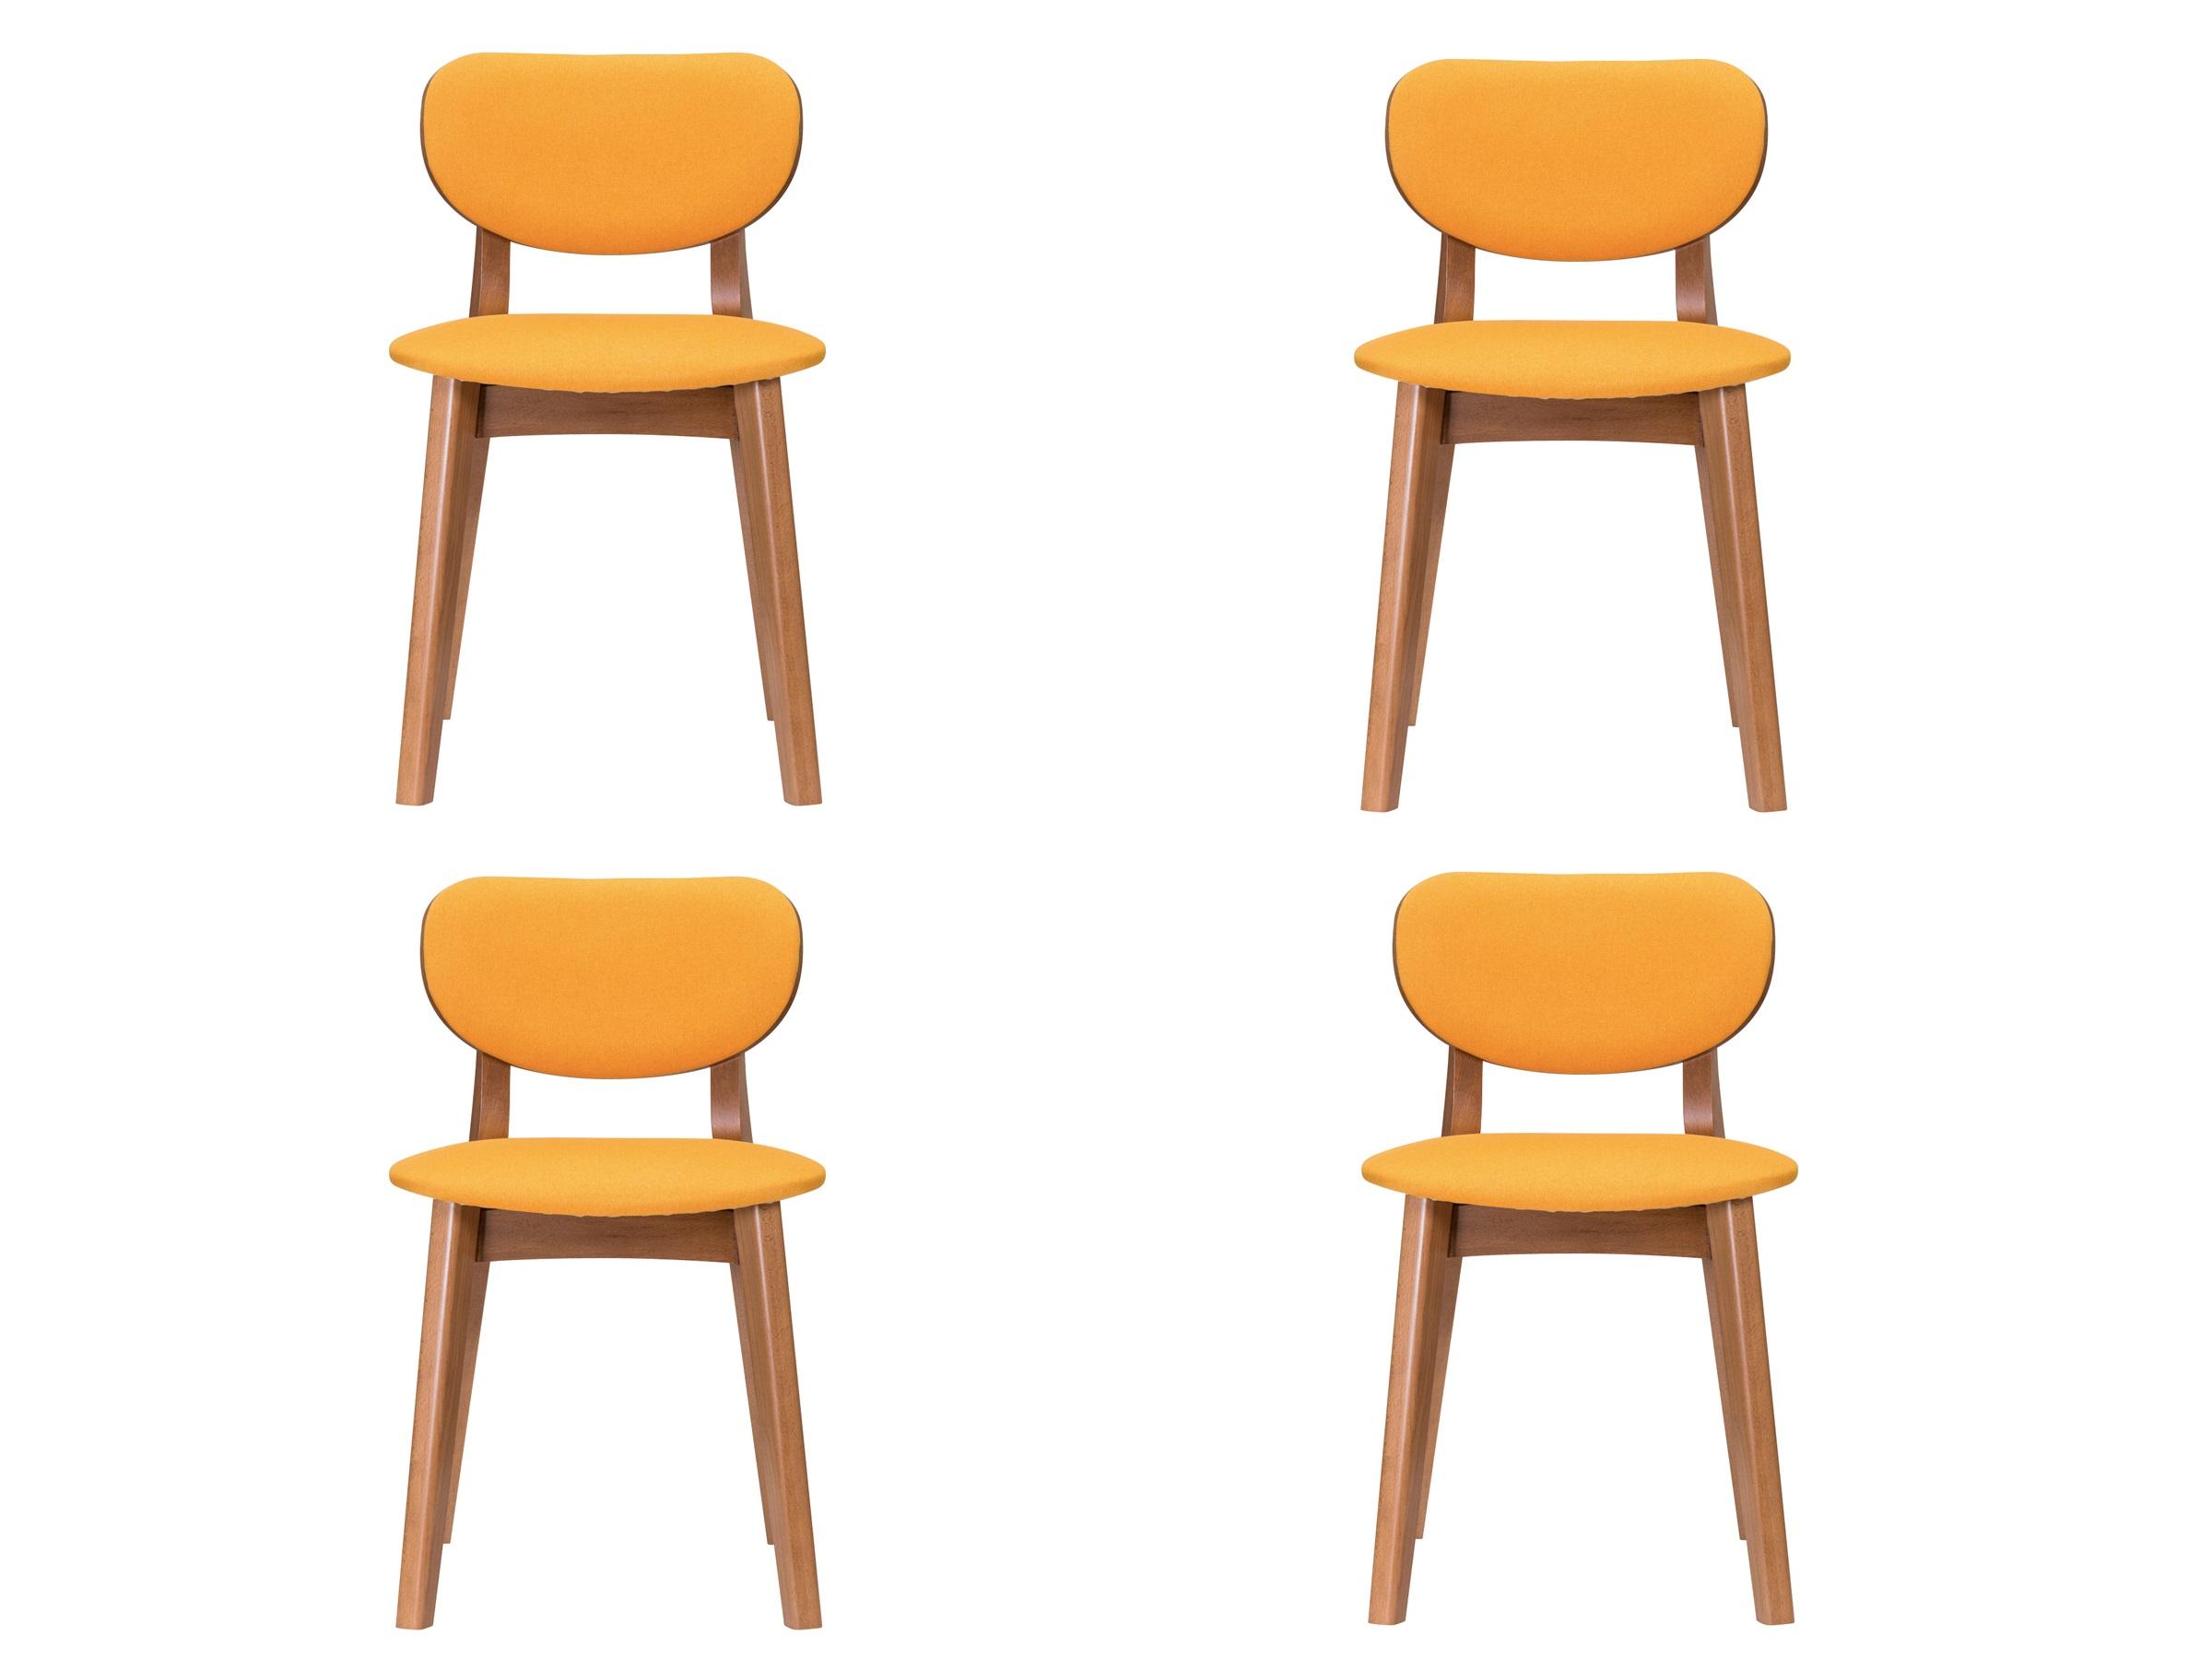 Комплект из 4 стульев XavierКомплекты<br>&amp;lt;div&amp;gt;Этот стул подкупает своей универсальностью! Он будет идеально смотреться как дополнение к обеденному столу, так и станет акцентом для вашей творческой студии. Само воплощение скандинавской классики.&amp;lt;/div&amp;gt;&amp;lt;div&amp;gt;&amp;lt;br&amp;gt;&amp;lt;/div&amp;gt;&amp;lt;div&amp;gt;Ткань: рогожка (65 000 циклов)&amp;lt;/div&amp;gt;&amp;lt;div&amp;gt;Ножки: орех 2/3&amp;lt;/div&amp;gt;Высота сиденья: 52 см&amp;lt;div&amp;gt;&amp;lt;span style=&amp;quot;font-size: 14px;&amp;quot;&amp;gt;Возможно изготовление в других цветах и обивках. Подробности уточняйте у менеджера.&amp;lt;/span&amp;gt;&amp;lt;br&amp;gt;&amp;lt;div&amp;gt;&amp;lt;br&amp;gt;&amp;lt;/div&amp;gt;&amp;lt;/div&amp;gt;<br><br>Material: Текстиль<br>Ширина см: 45<br>Высота см: 79<br>Глубина см: 45